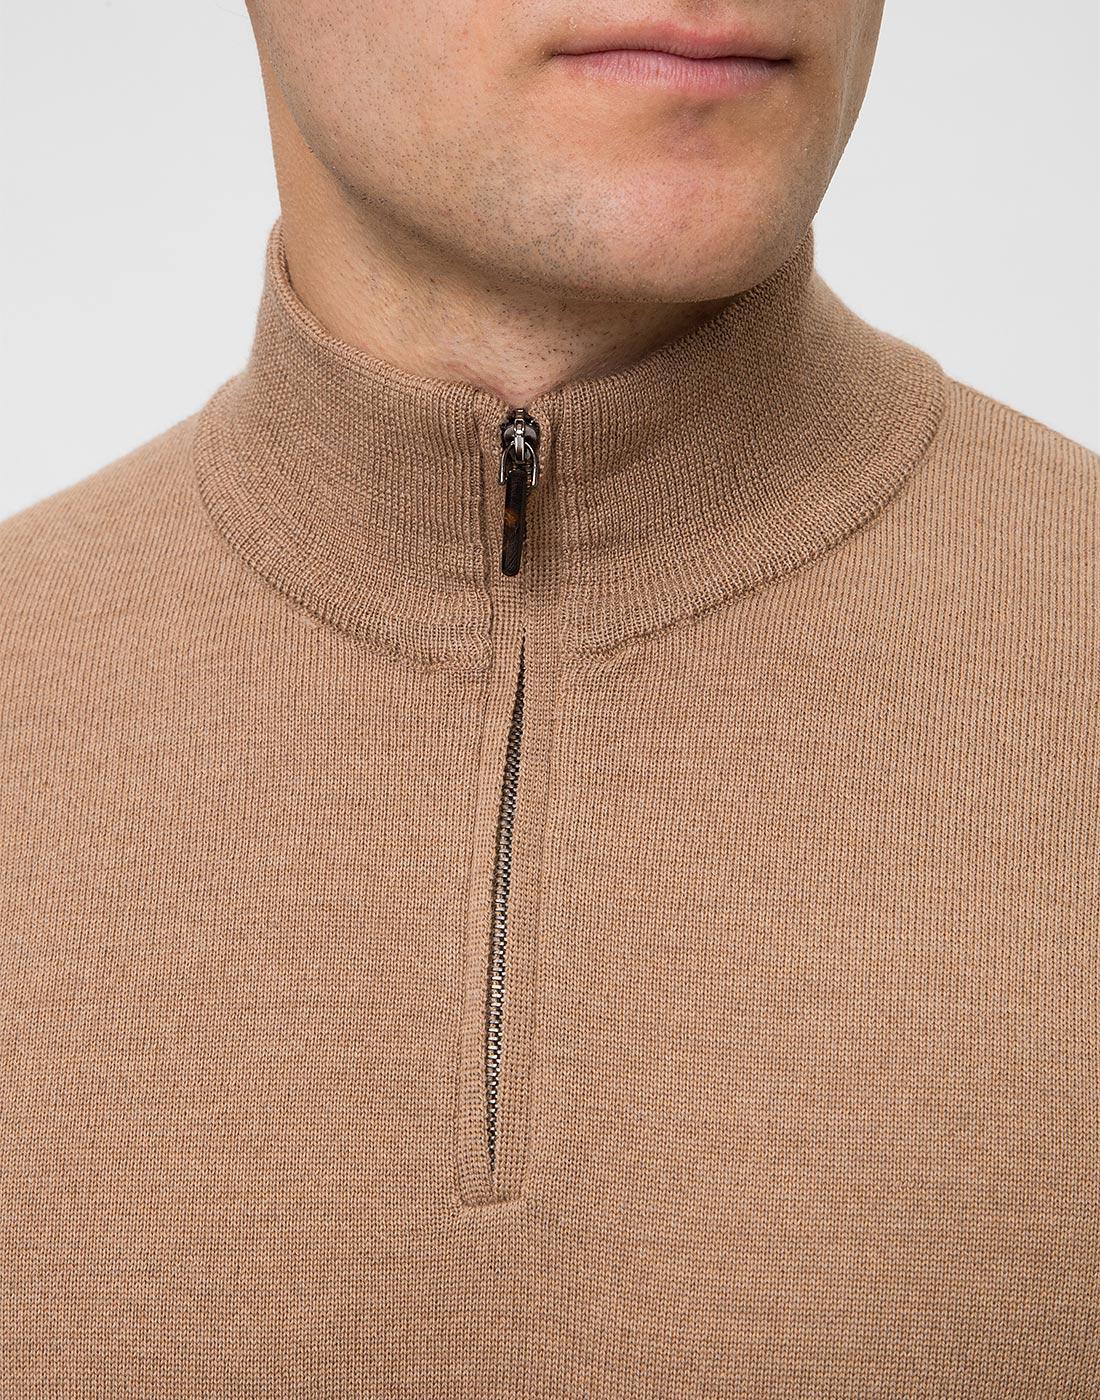 Мужской бежевый шерстяной свитер Dalmine S692029 537-6